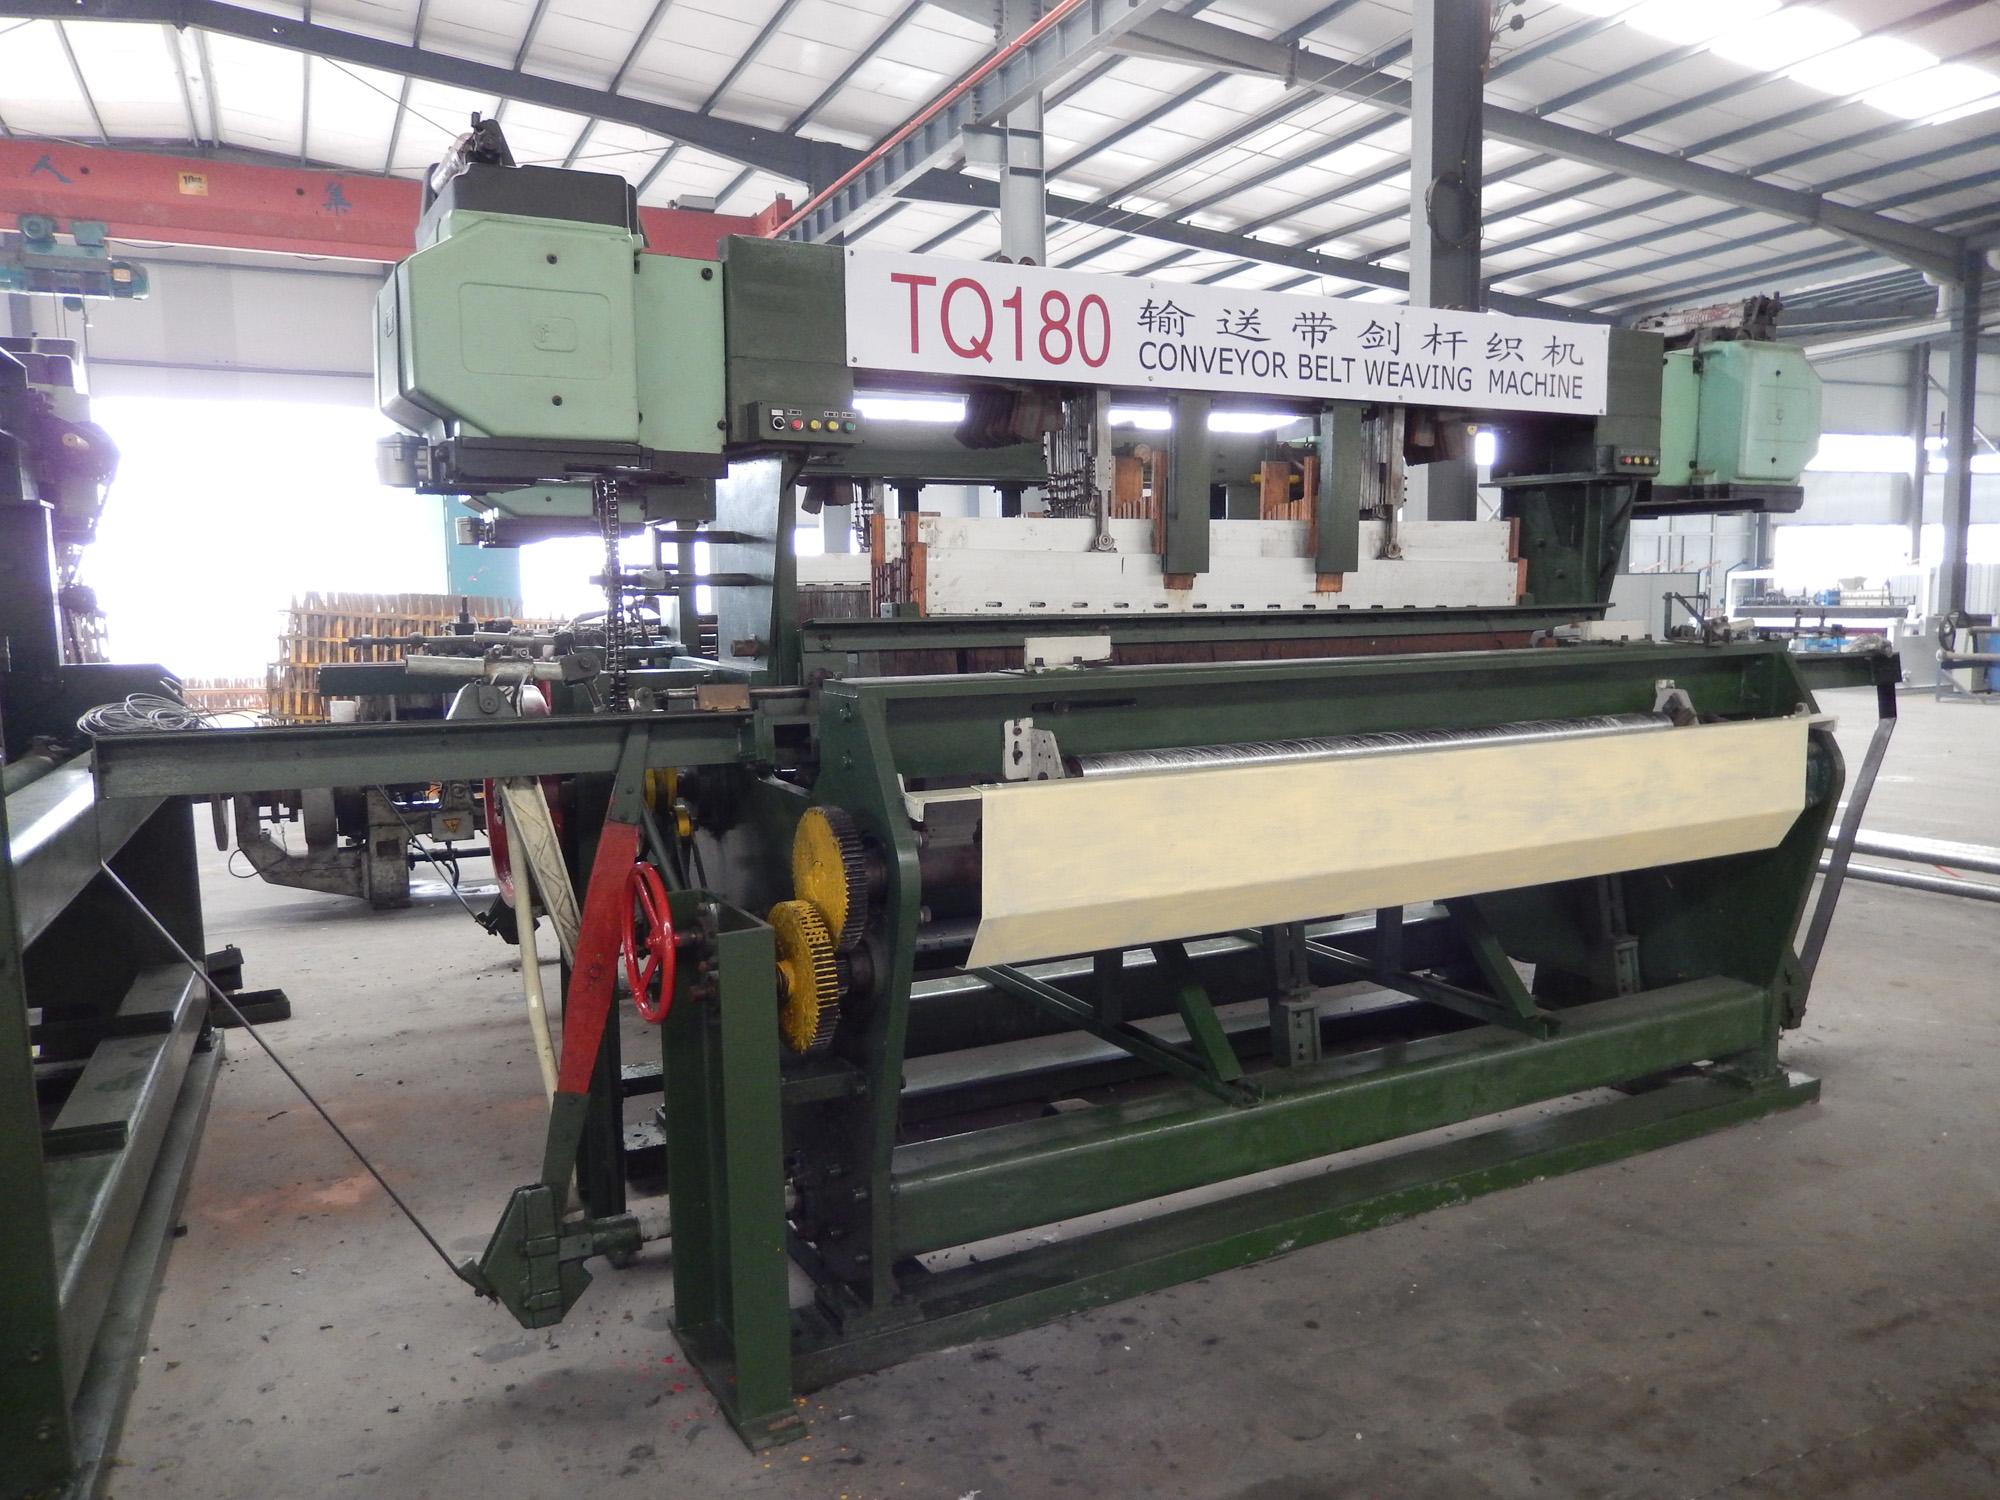 conveyor belt weaving machine